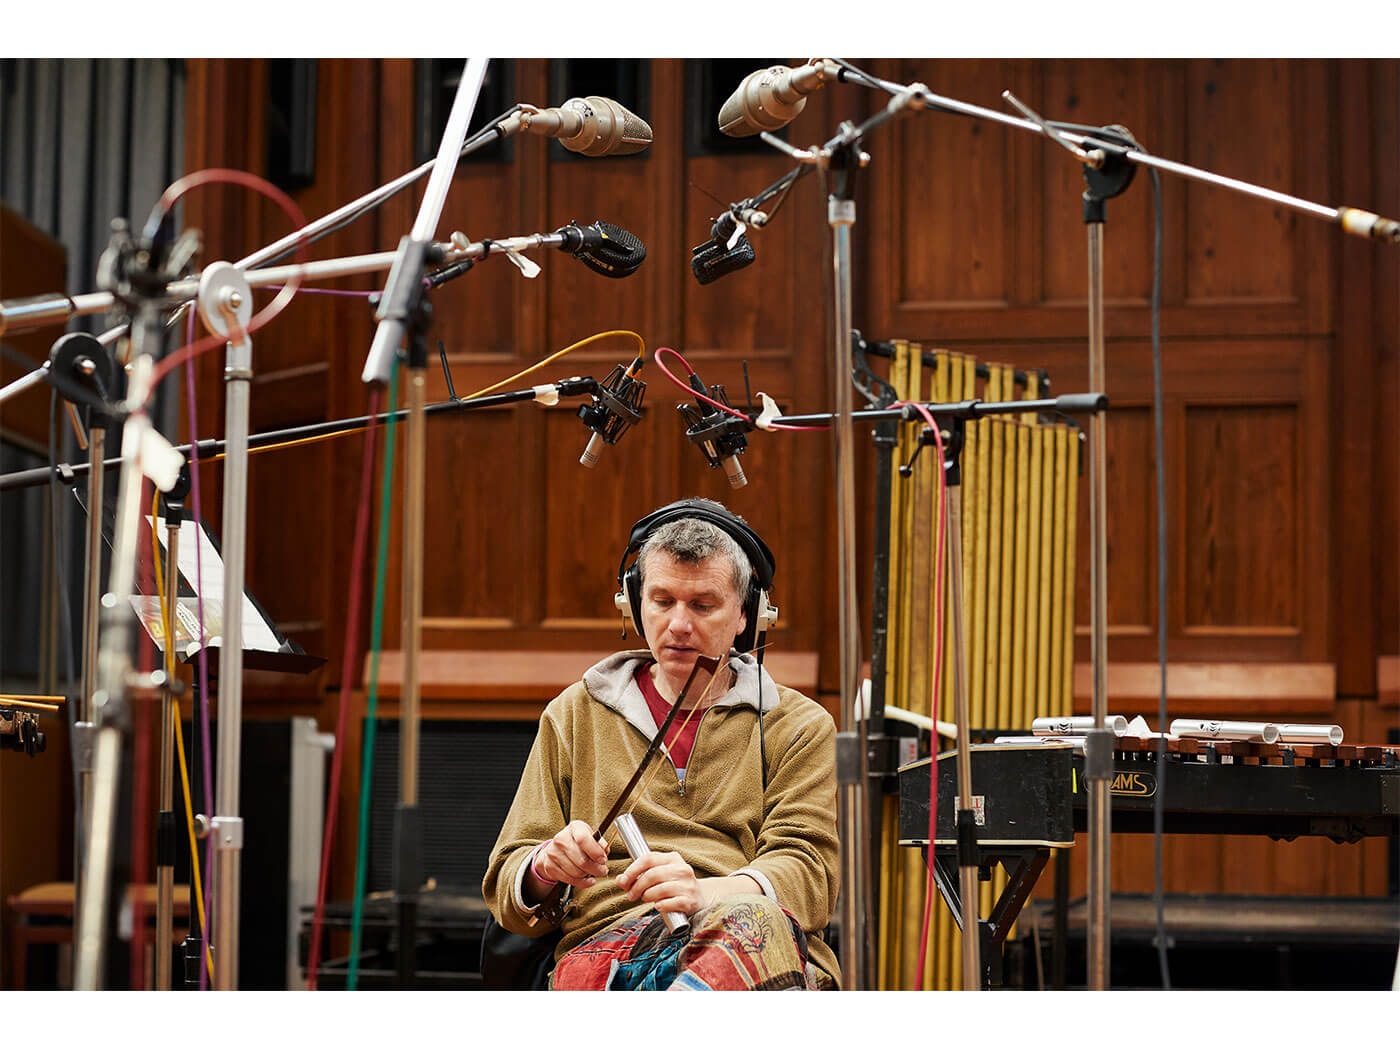 Spitfire Audio Percussion Swarm Recording